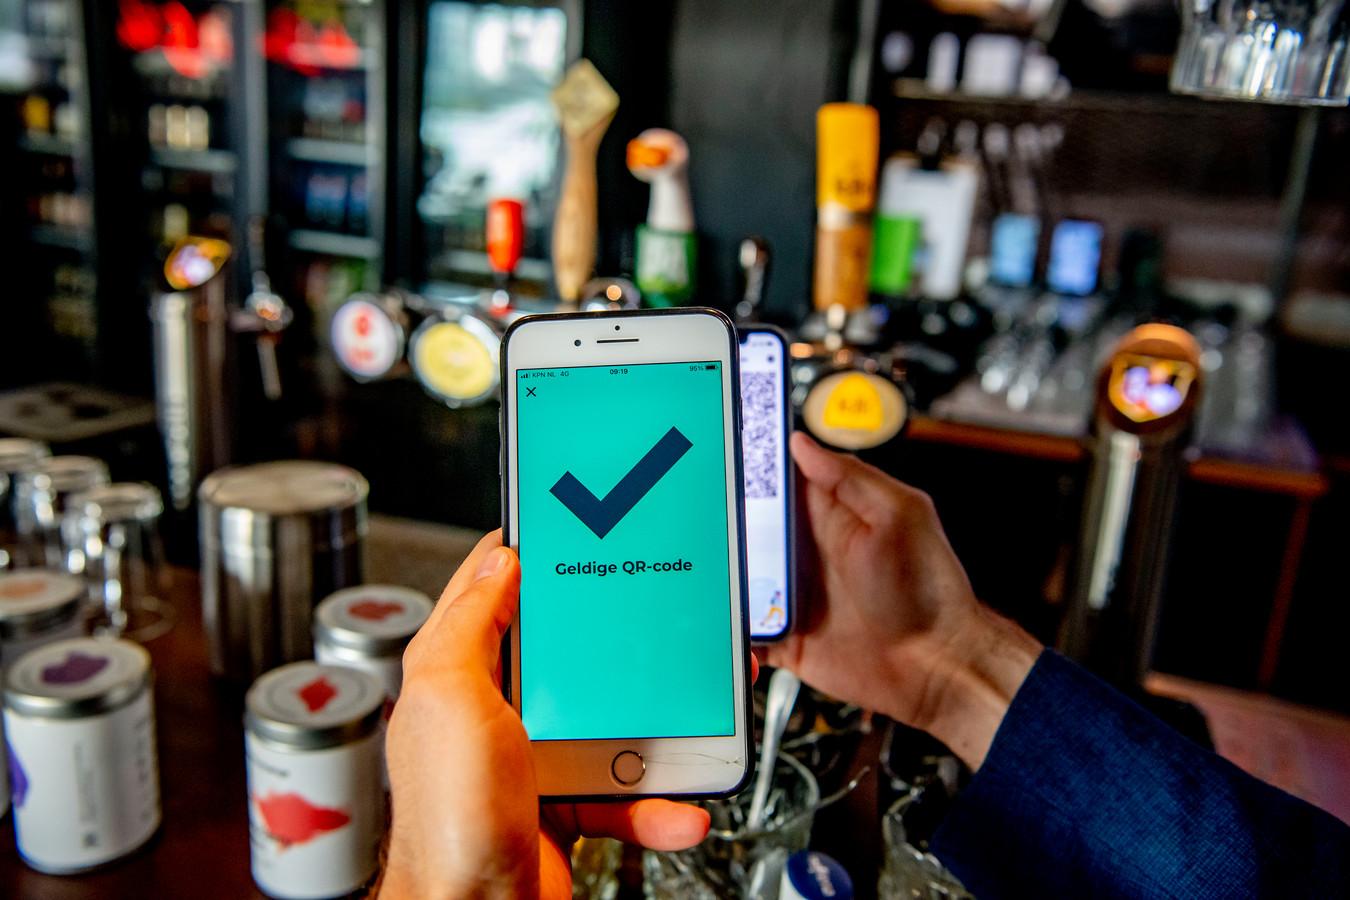 Een mobiele telefoon met de QR-code via de app CoronaCheck. Een coronabewijs betekent dat iemand gevaccineerd moet zijn, of hersteld van het virus of recent negatief getest.